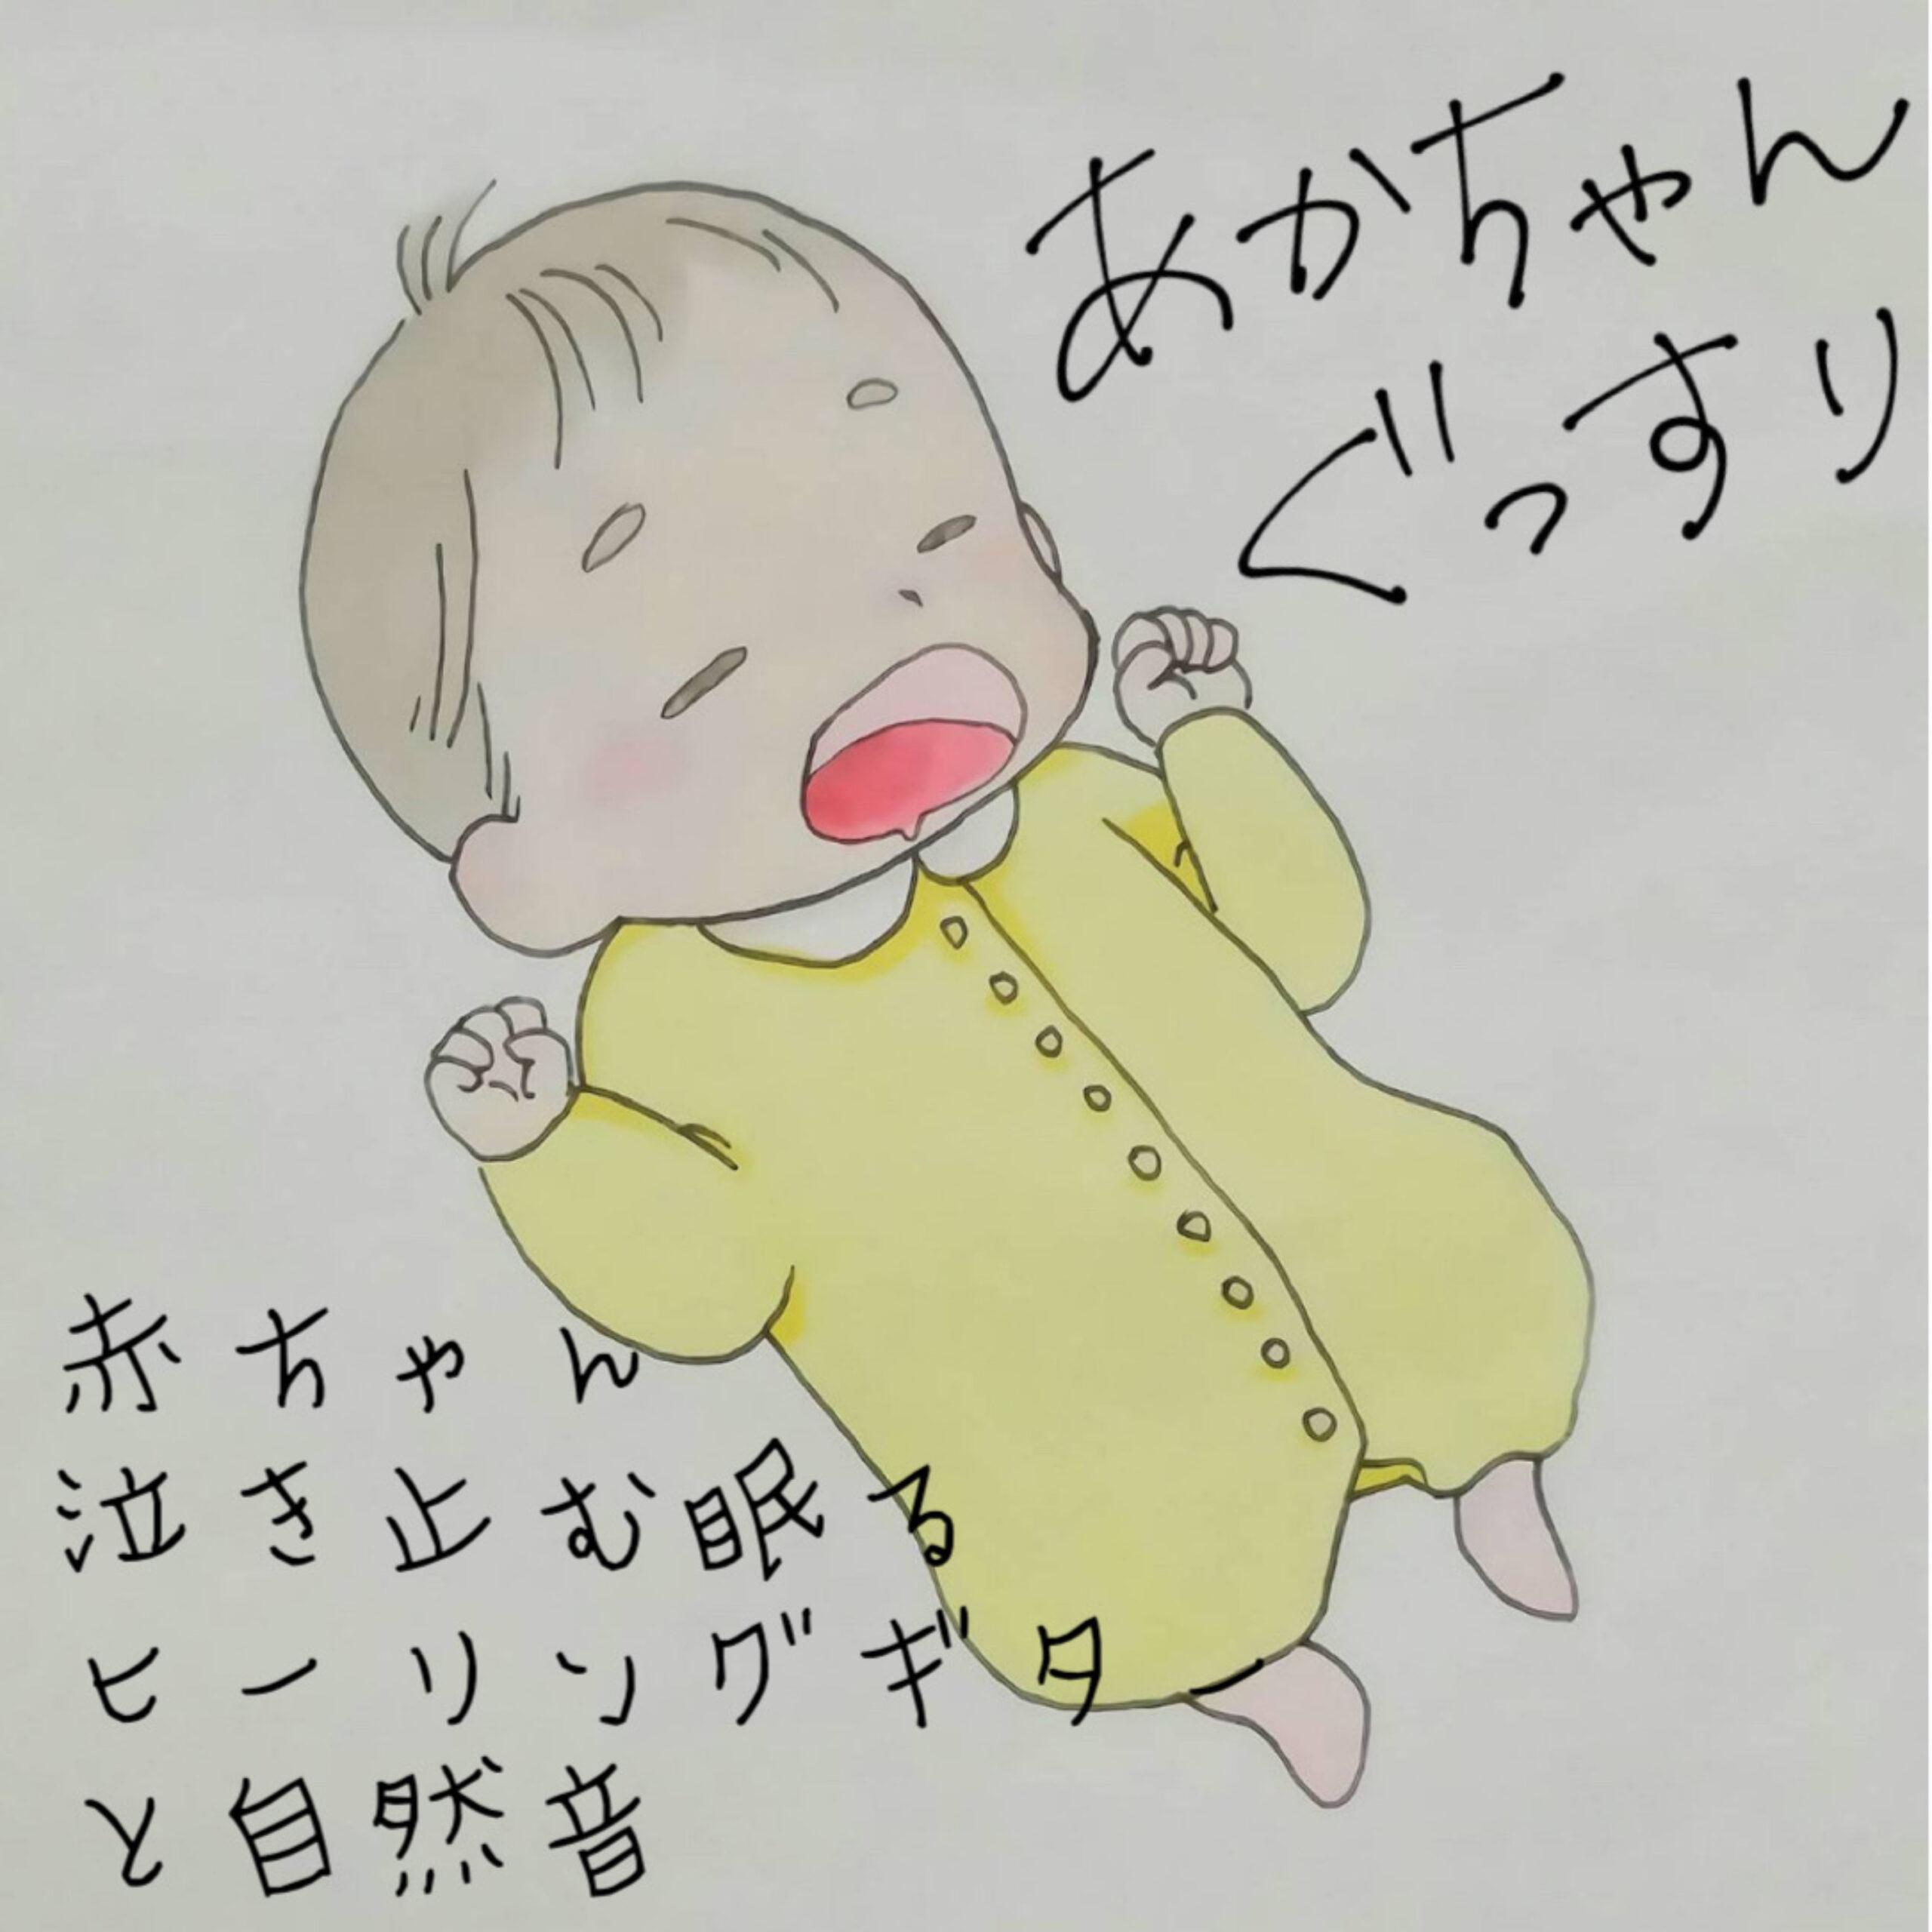 あかちゃんぐっすり 赤ちゃん泣き止む 眠る ヒーリングギターと自然音